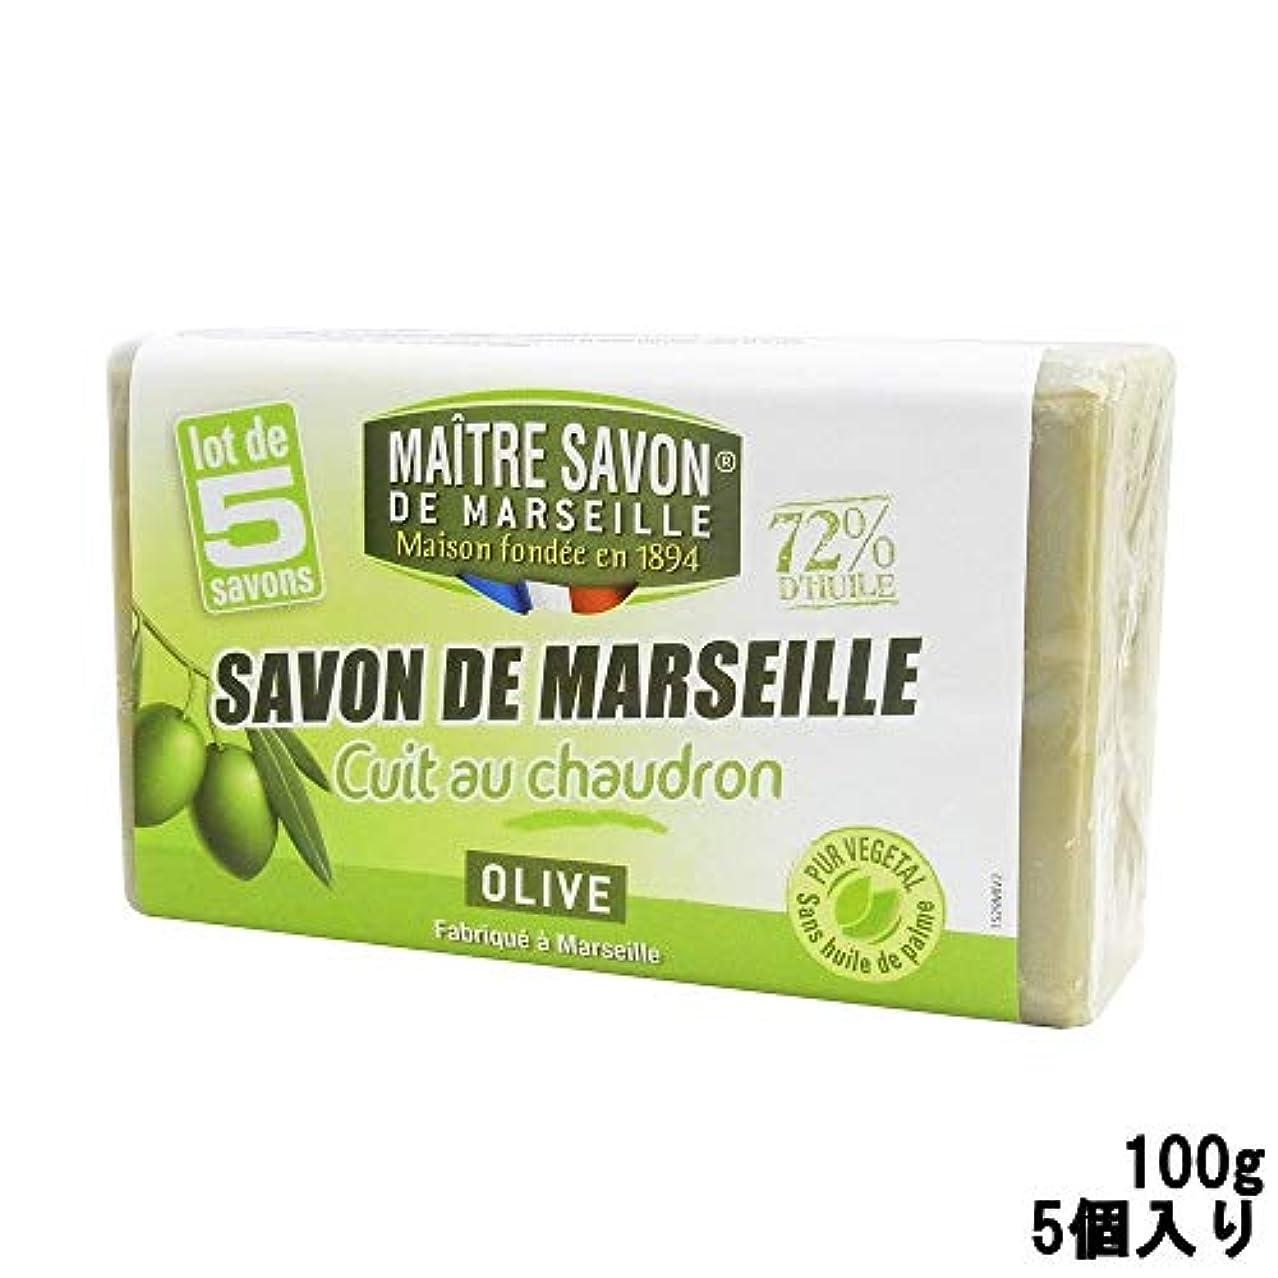 食欲怠起きてサボンドマルセイユ オリーブ 100g 5個入り [並行輸入品]